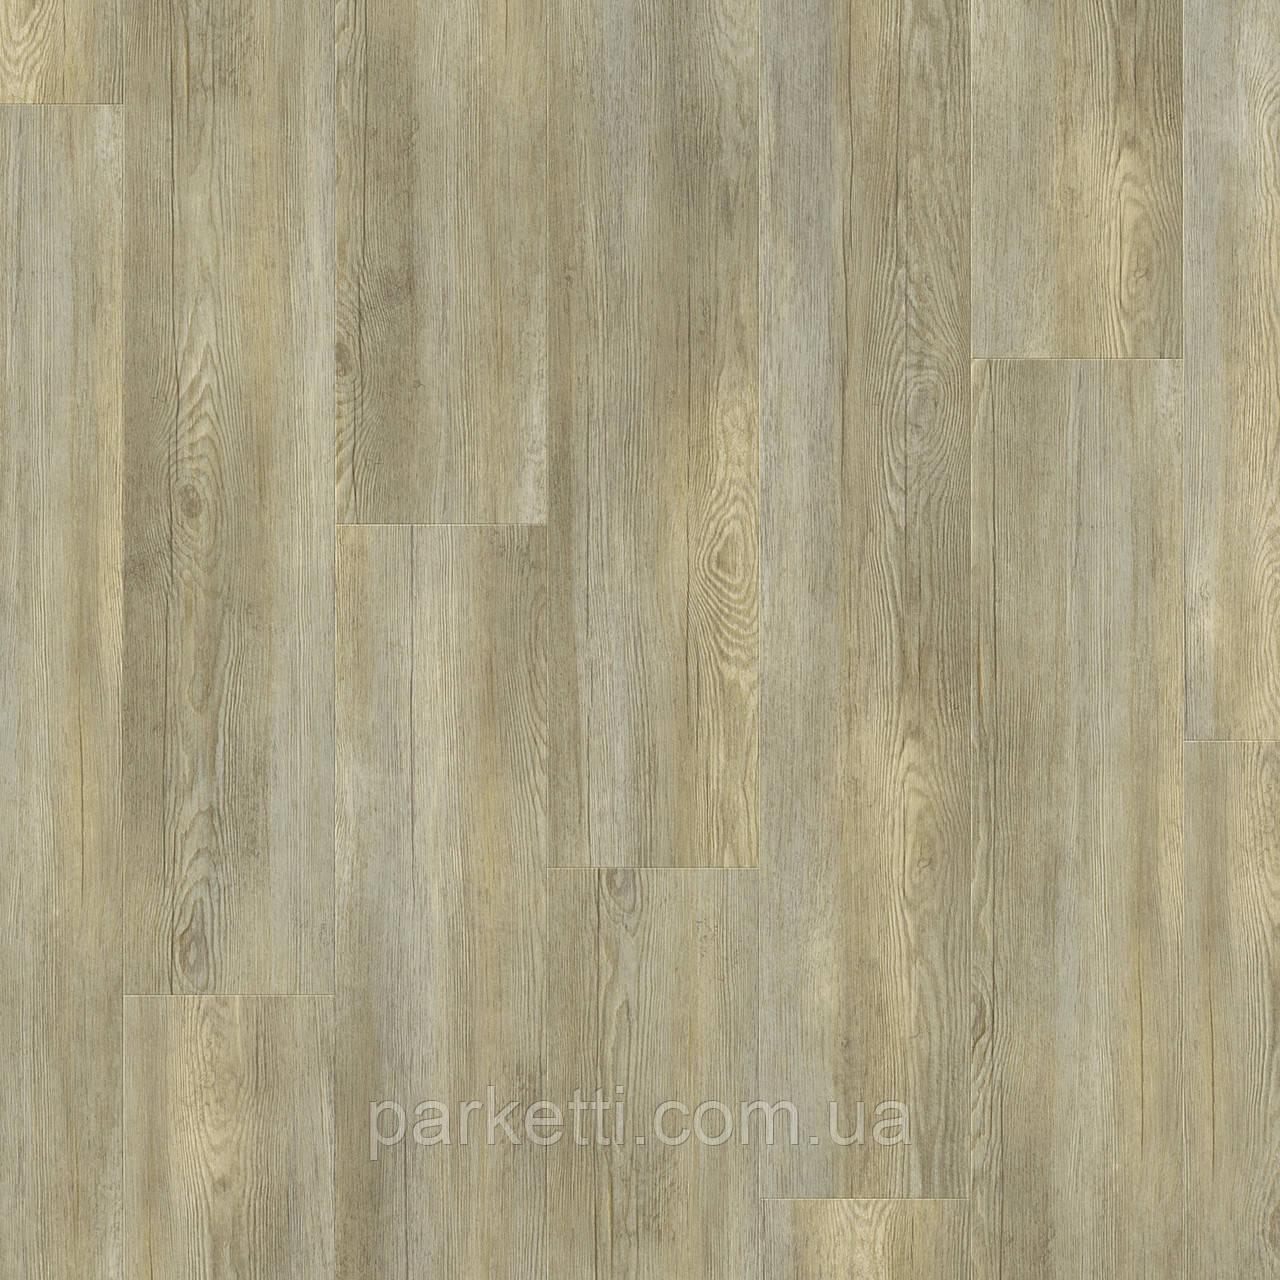 DLW 27105-154 Rustic Pinebreeze виниловая плитка Scala 40 - Parketti - паркет, паркетная доска, массив, ламинат, линолеум, ковролин, террасная доска в Украине в Харькове